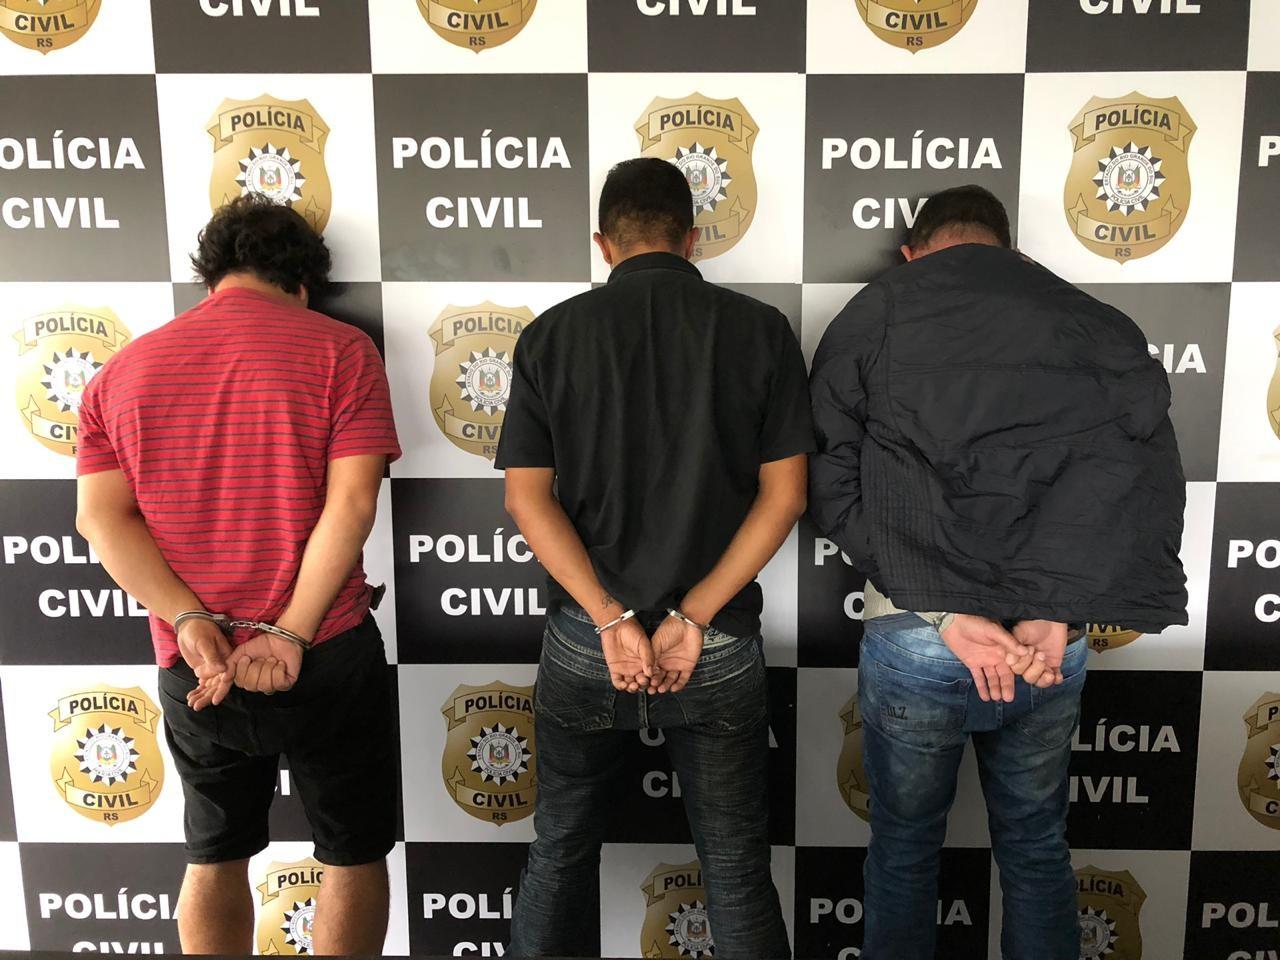 Polícia evita sequestro de empresário e prende três suspeitos em Santo Antônio da Patrulha